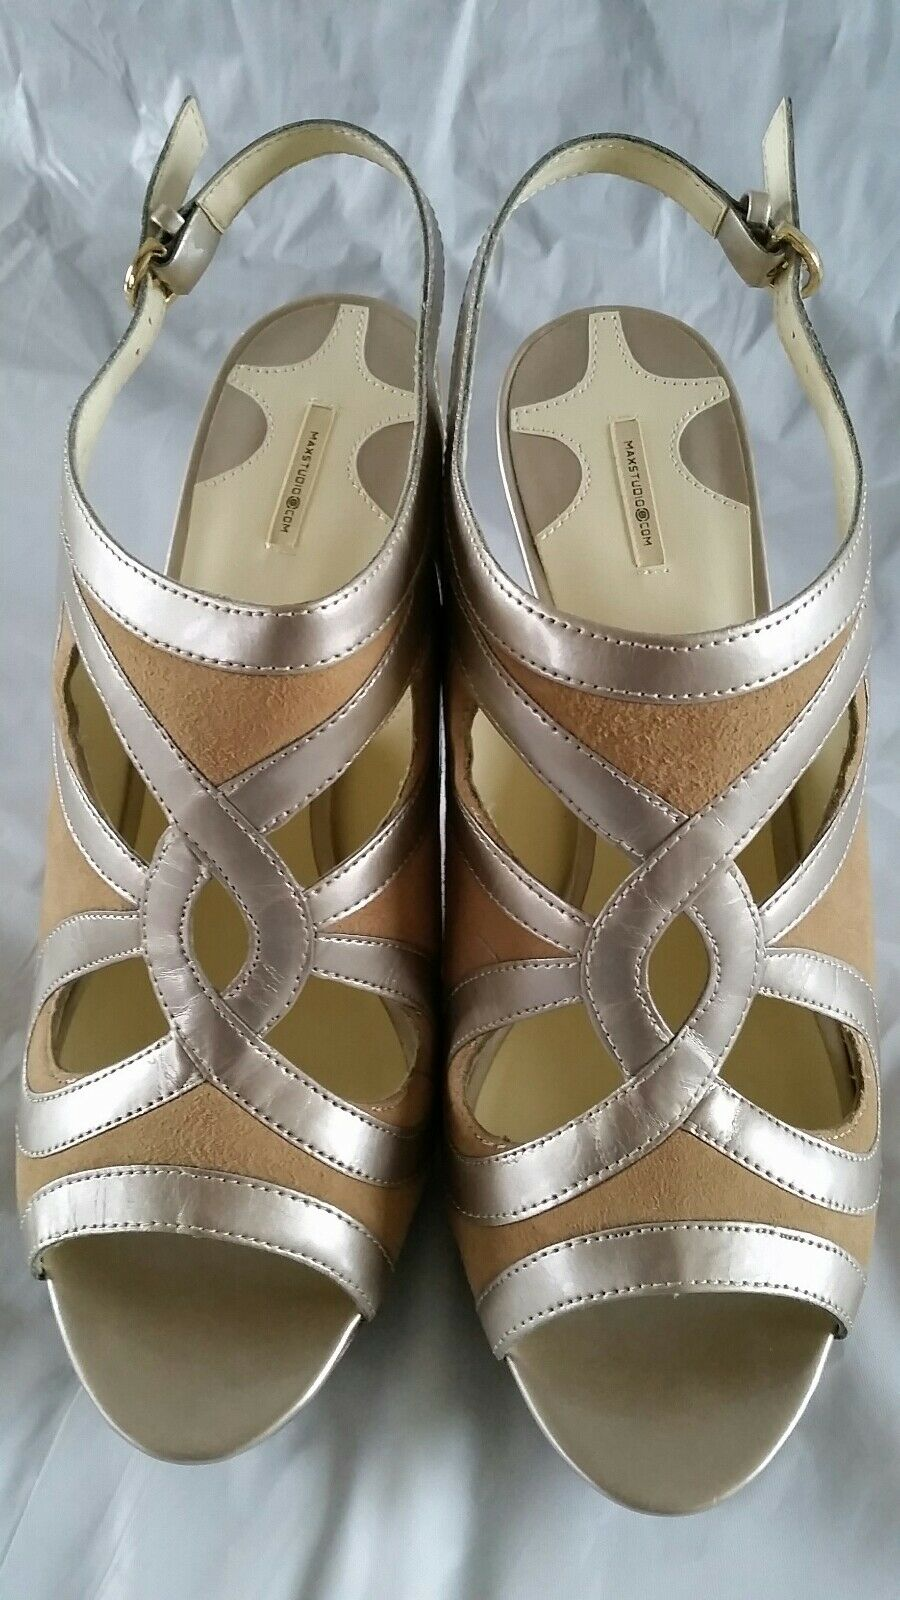 Max Studio Heels Metallic Calf Size 8.5